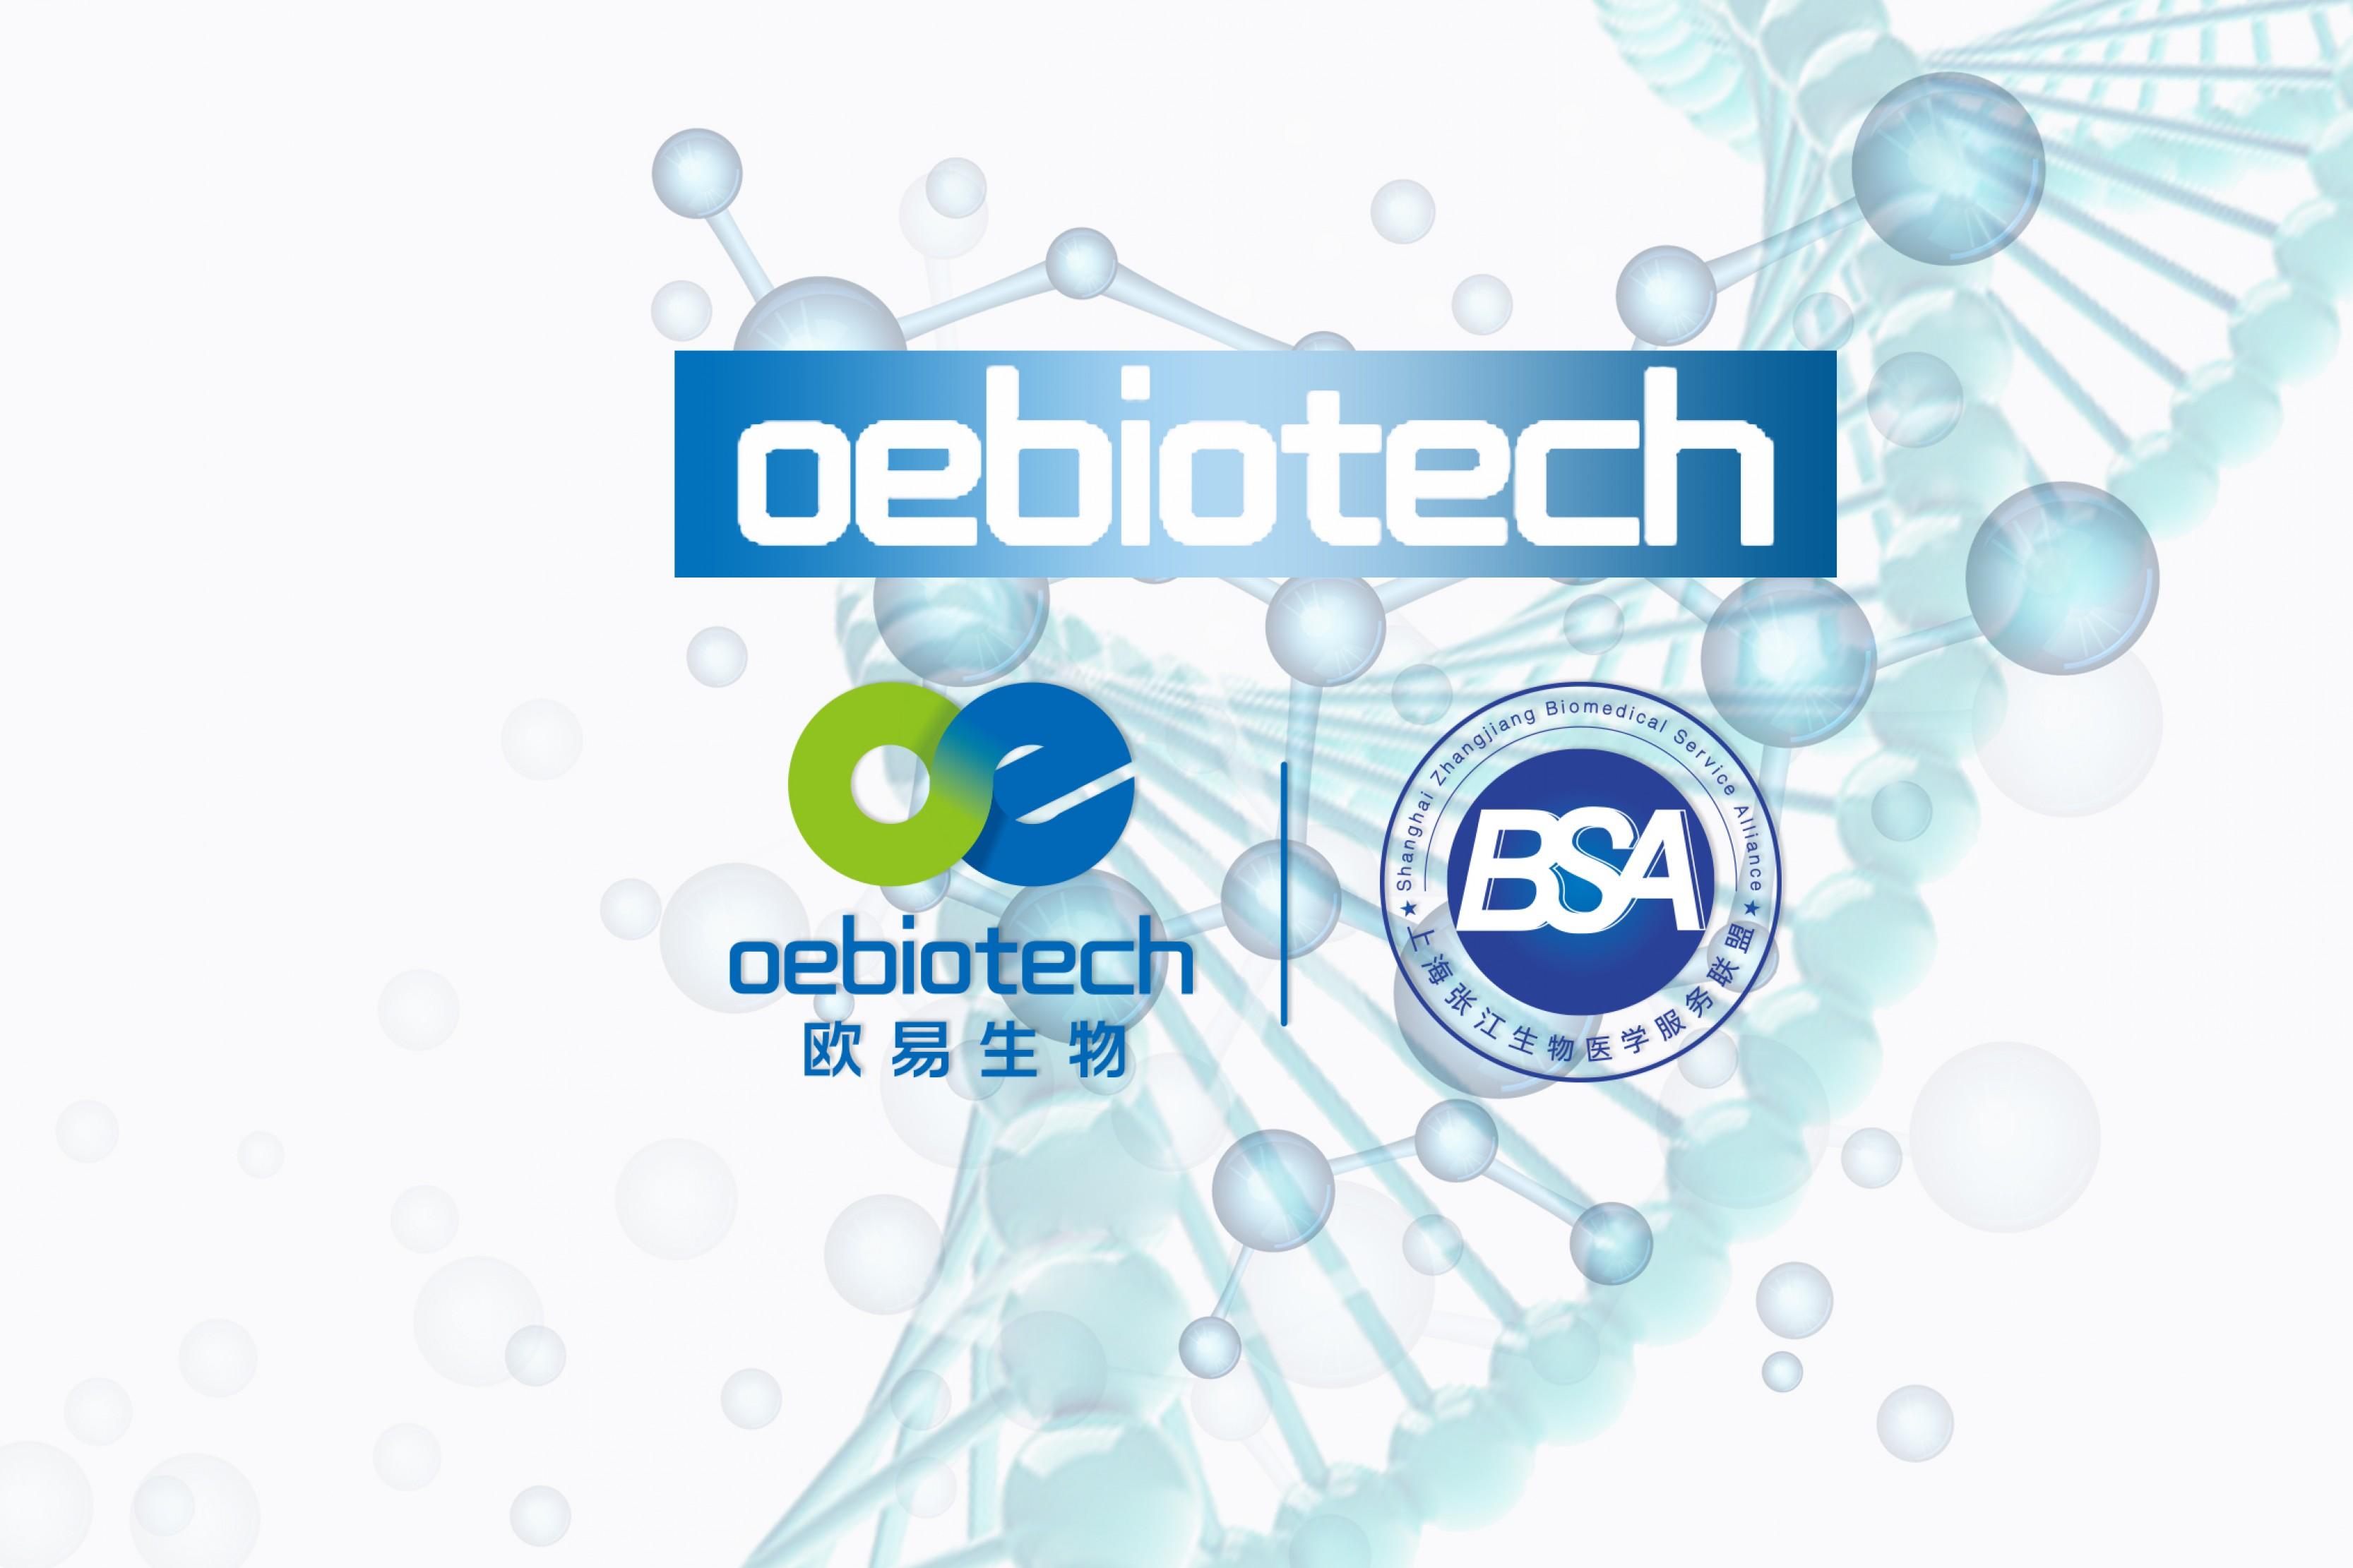 预告 | 欧易生物携手BSA联盟,邀您共聚第十二届生物化学与分子生物学大会